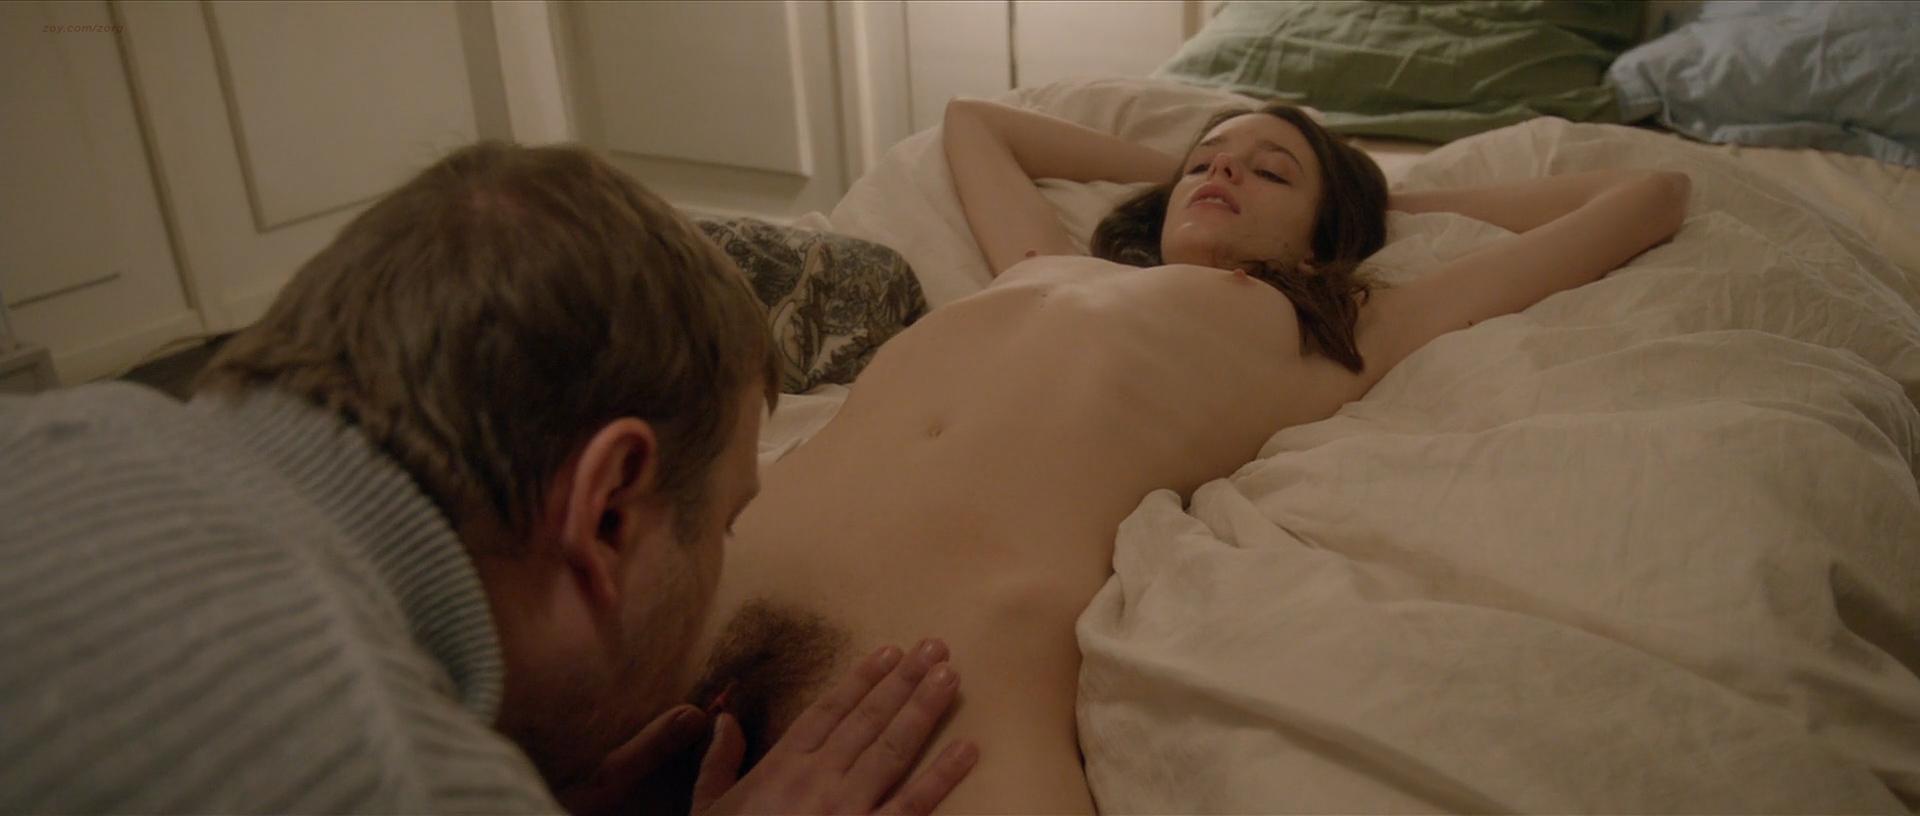 Stacy Martin nude explicit sex oral and vaginal - Nymphomaniac Vol I (2013) Directors Cut hd1080p (11)